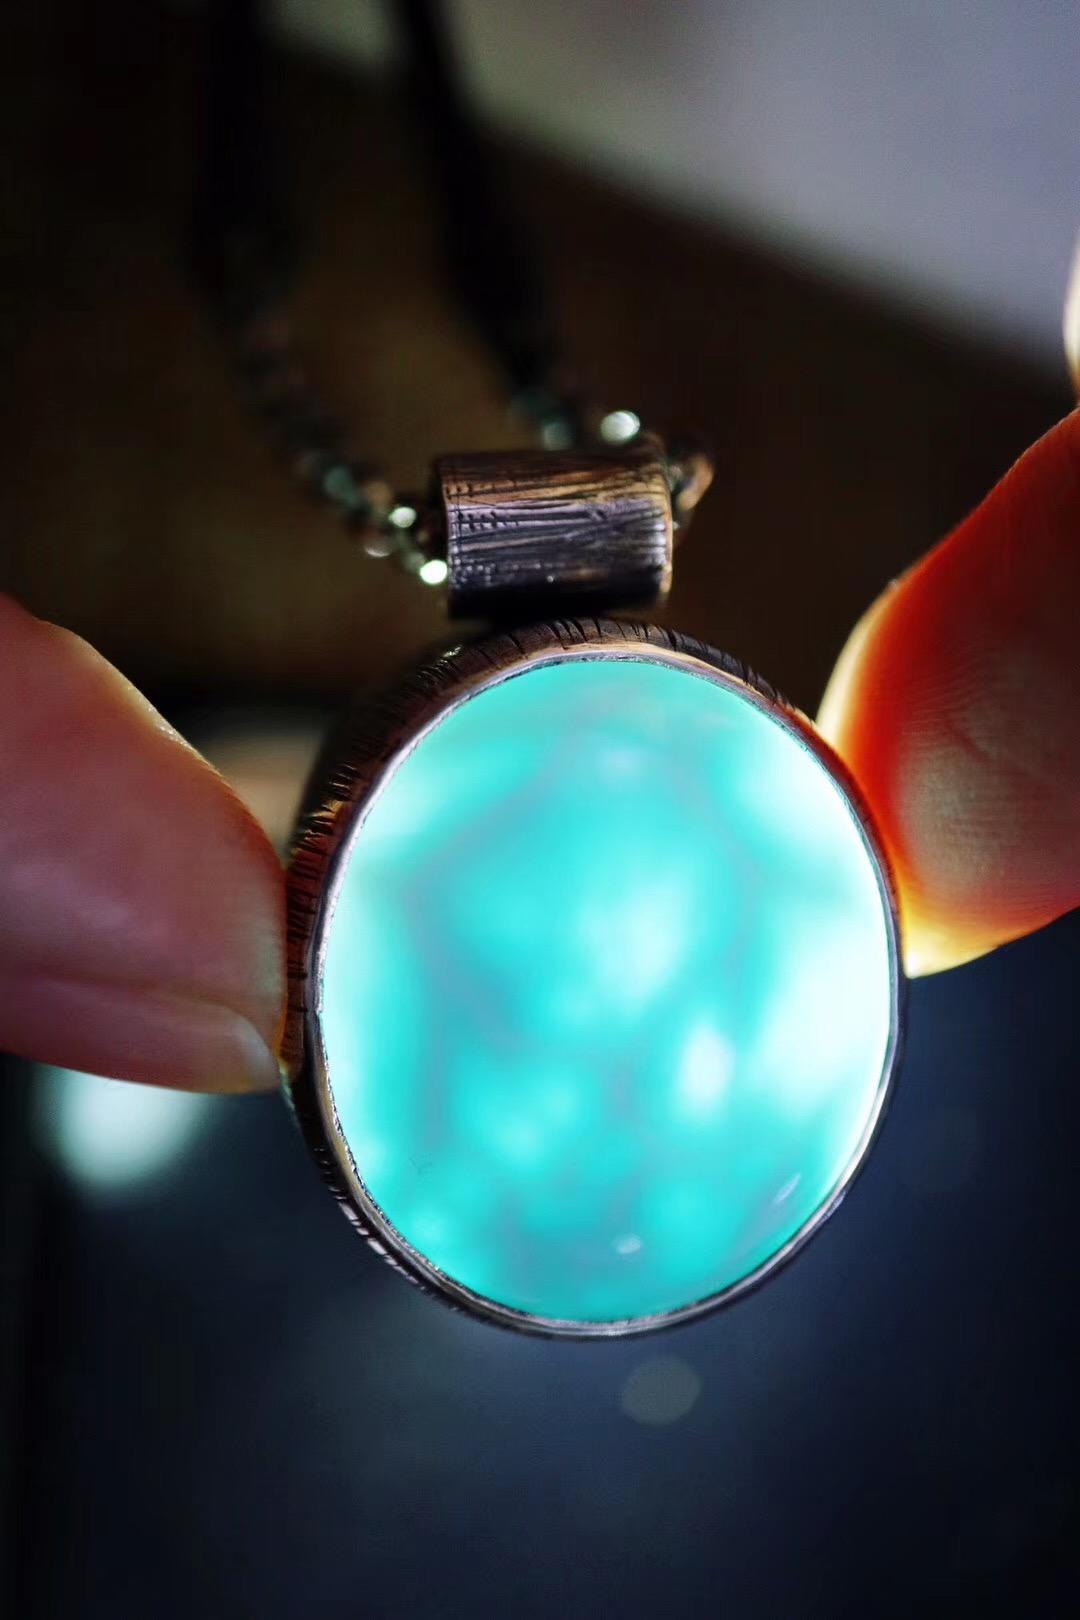 【菩心-海纹石】海纹石是喉轮的晶石,更是增强自信的宝石-菩心晶舍